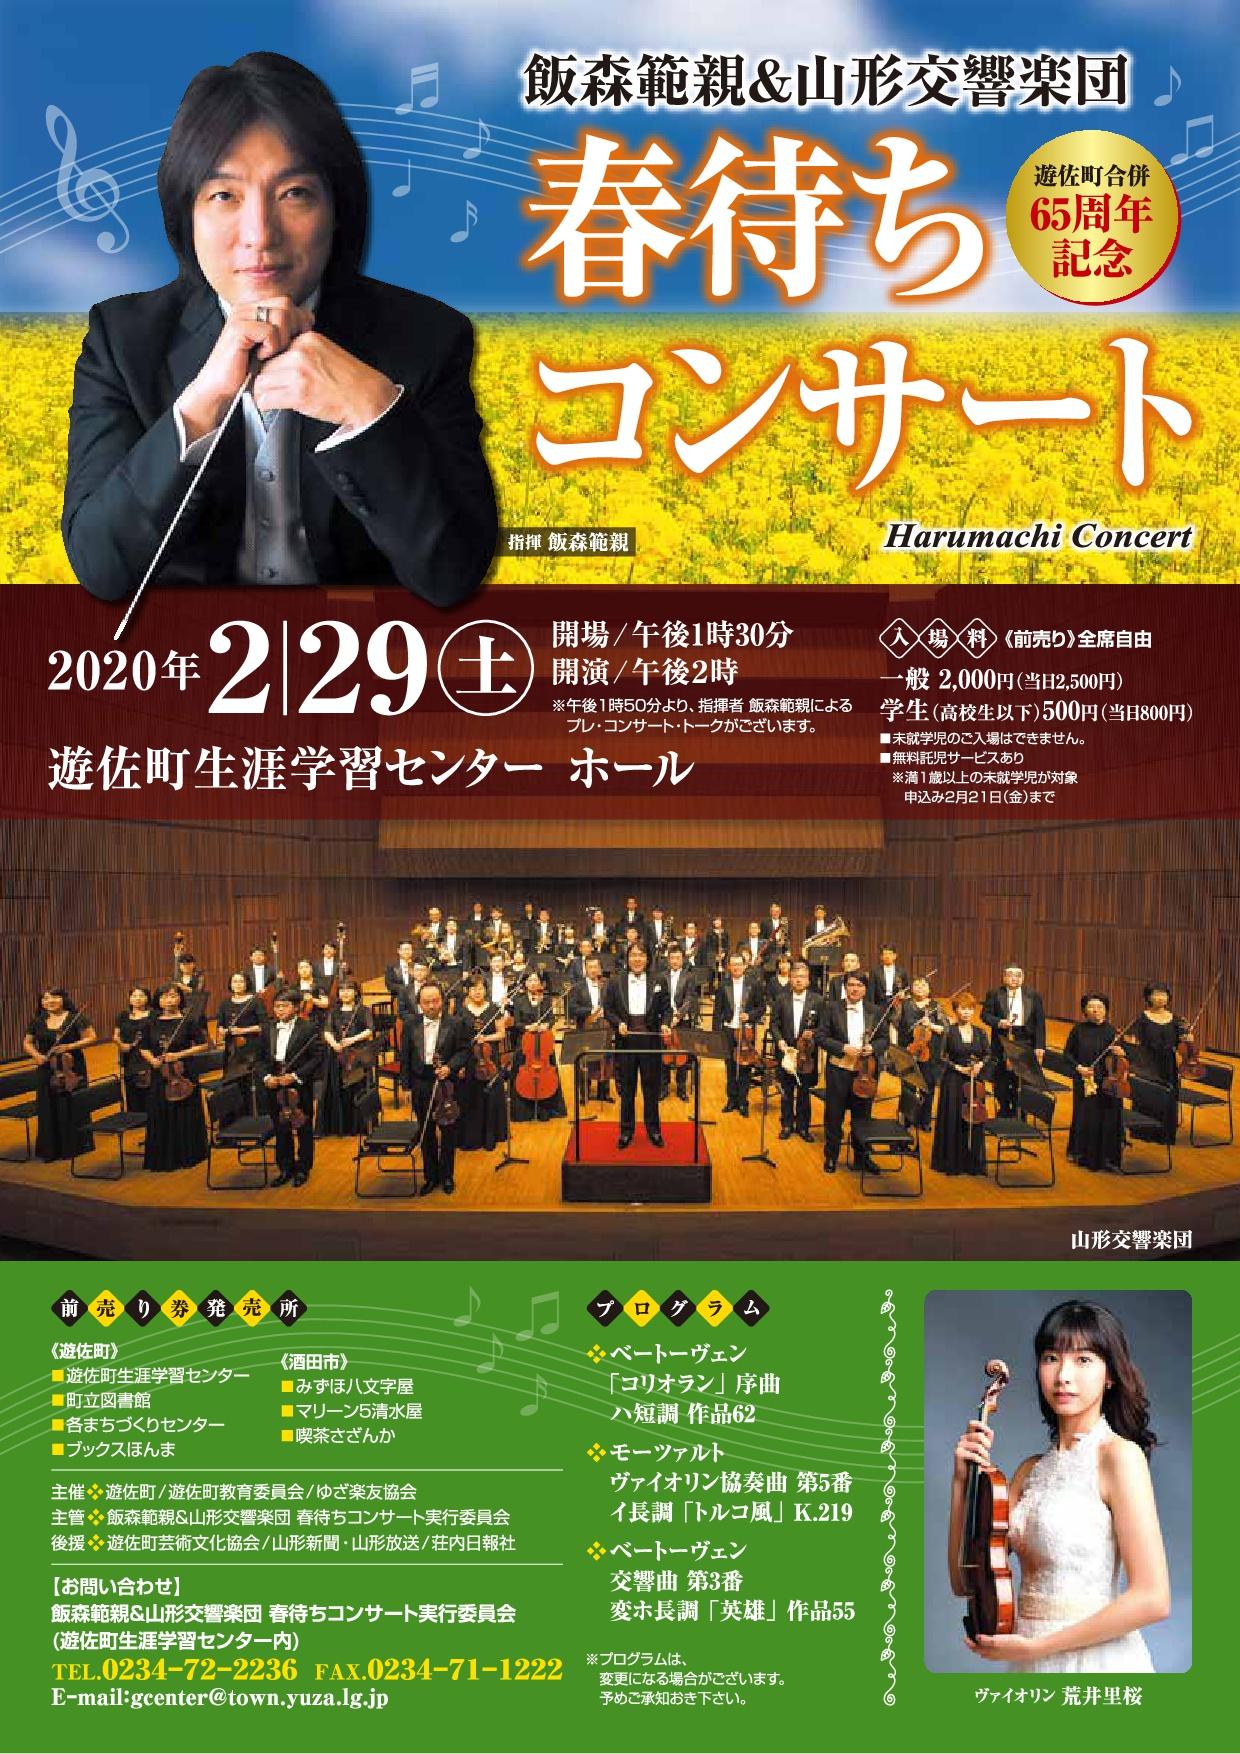 山形交響楽団<br>遊佐町合併65周年記念 春待ちコンサート